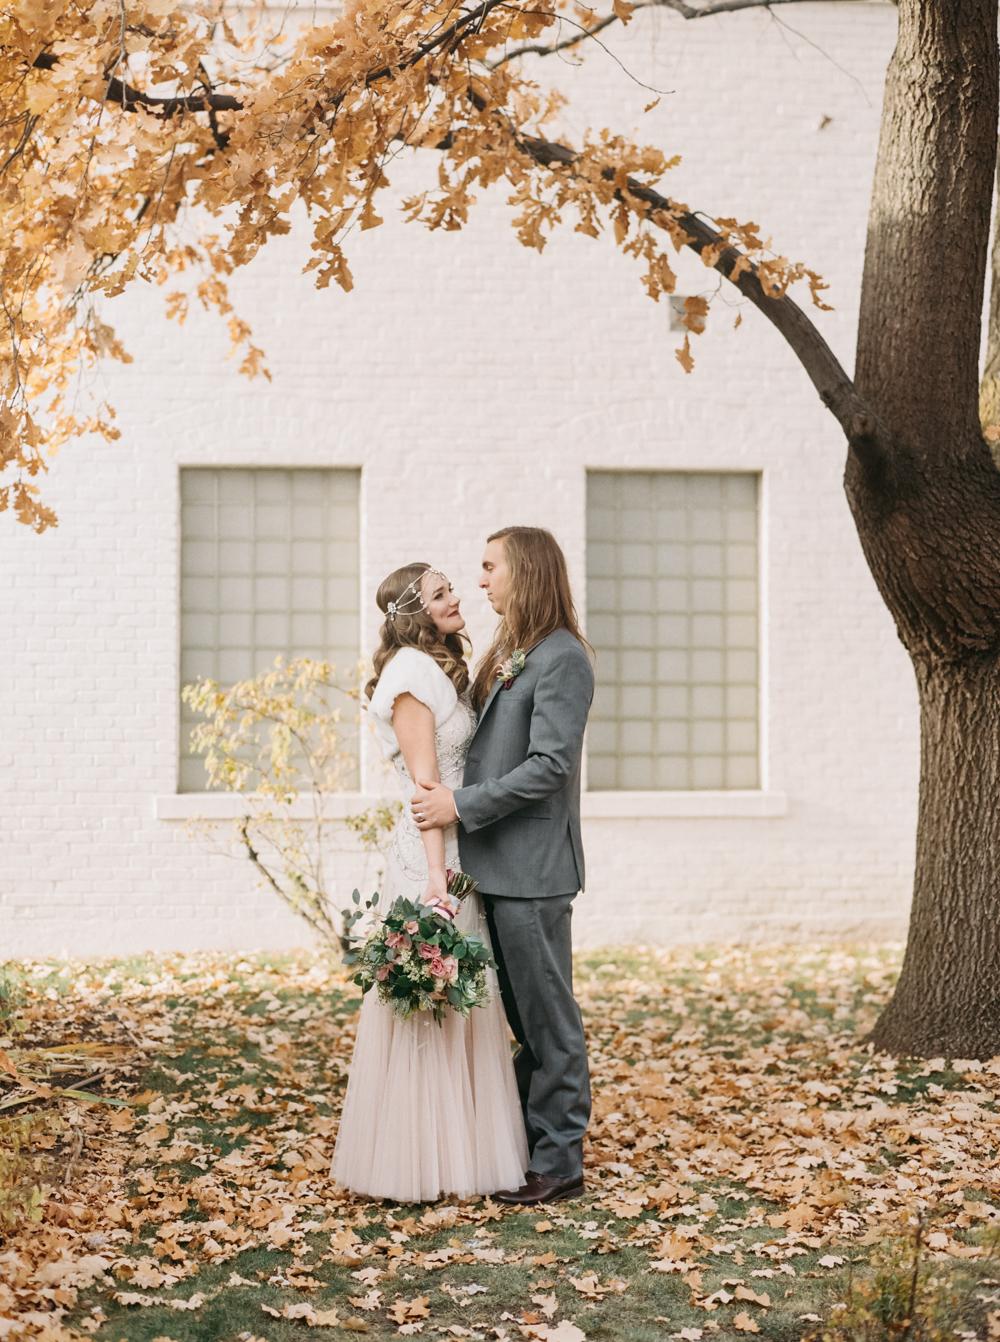 bardenay wedding venue boise-16.jpg